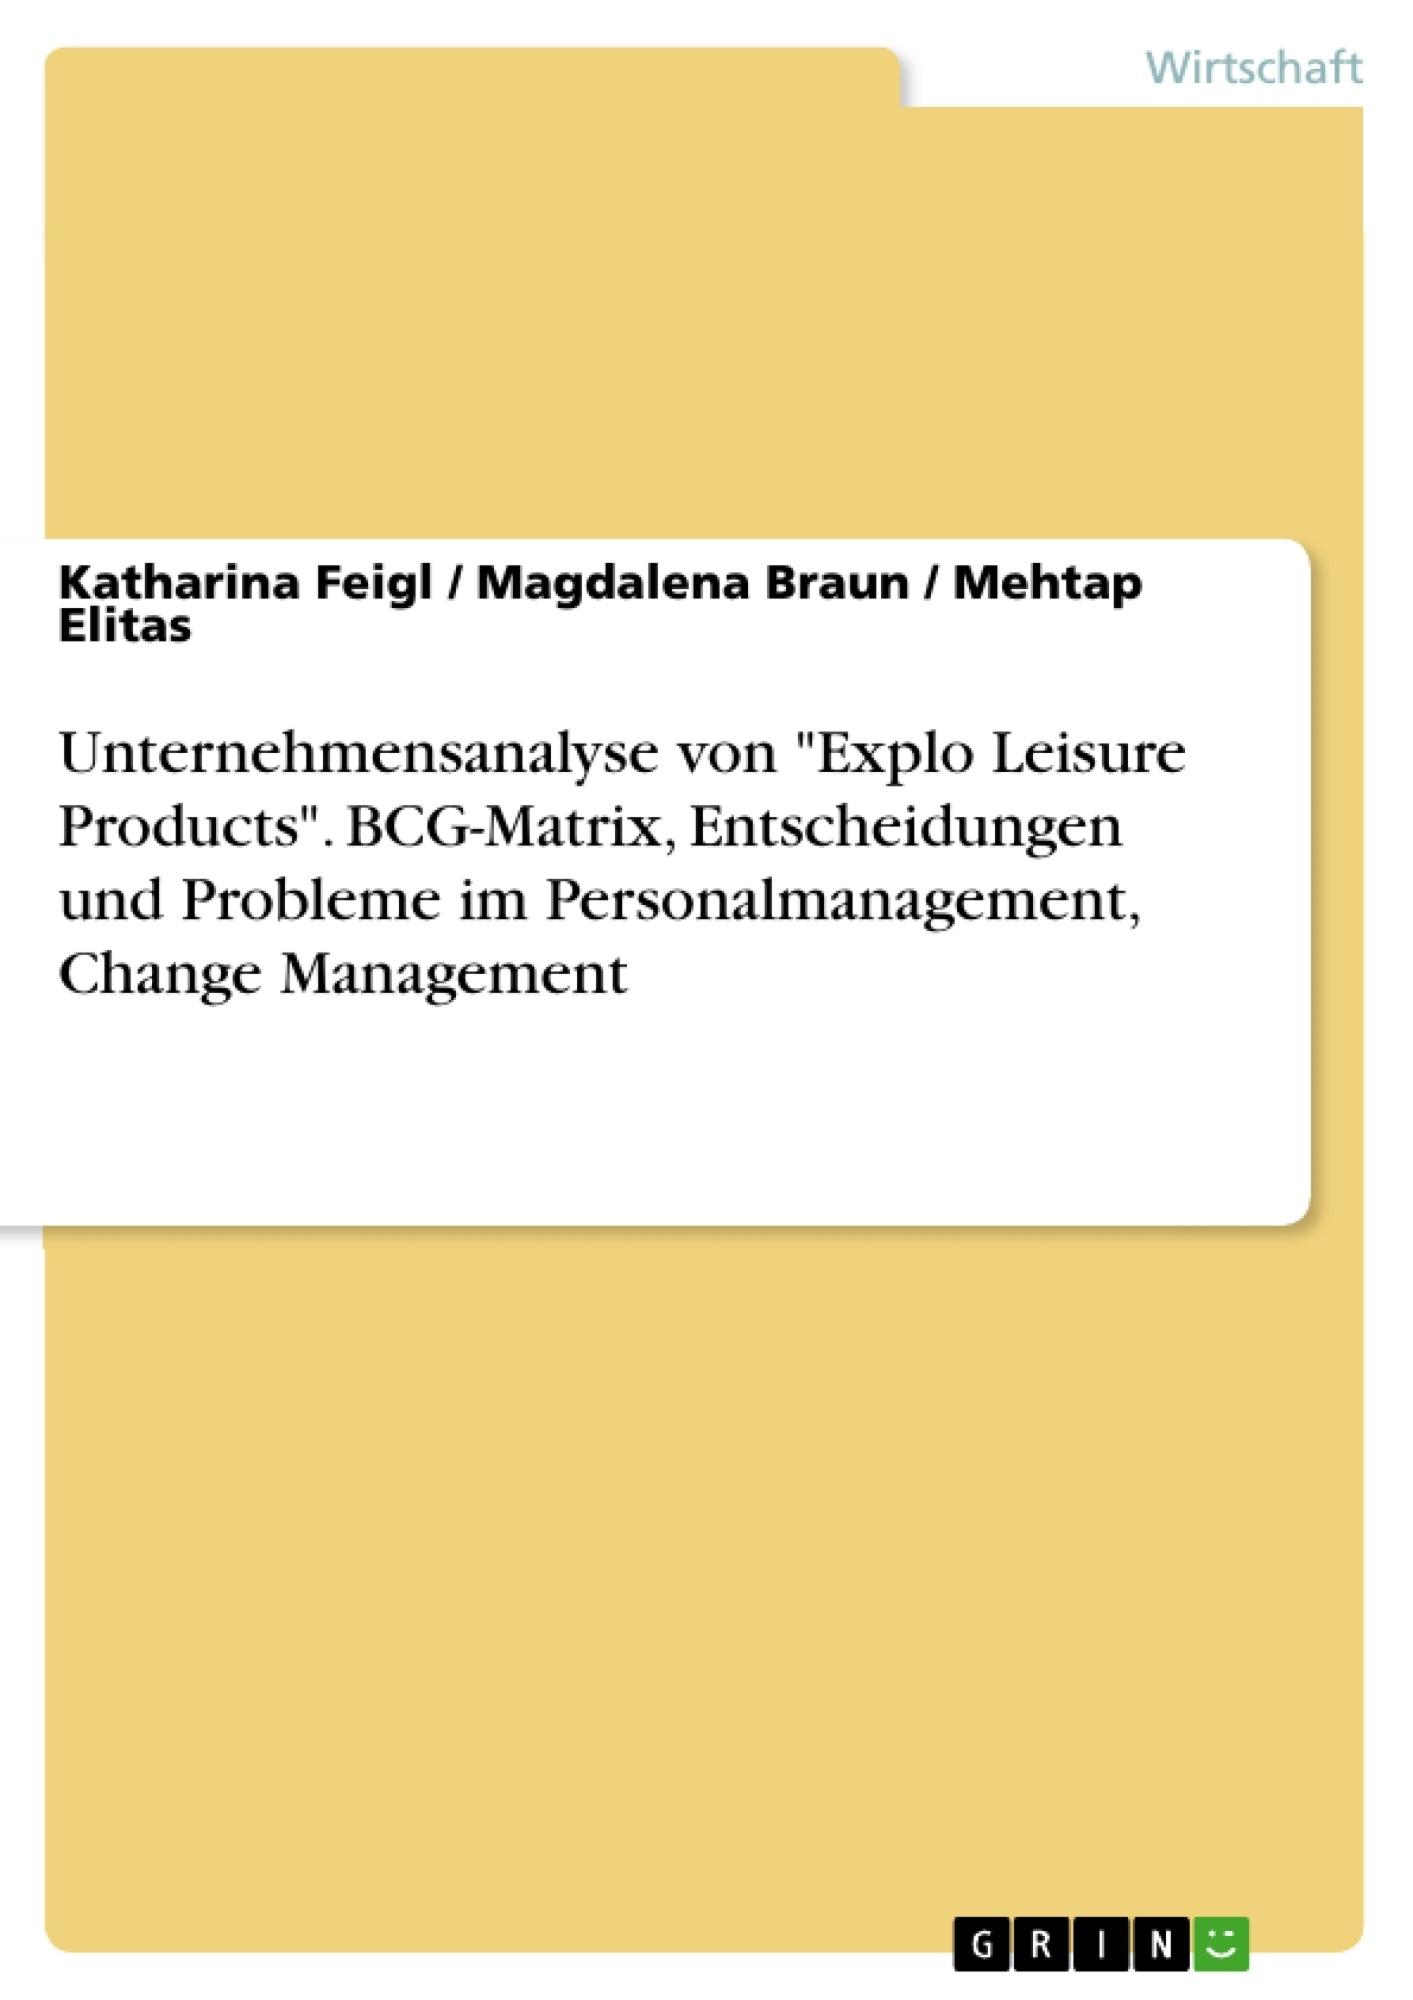 """Titel: Unternehmensanalyse von """"Explo Leisure Products"""". BCG-Matrix, Entscheidungen und Probleme im Personalmanagement, Change Management"""